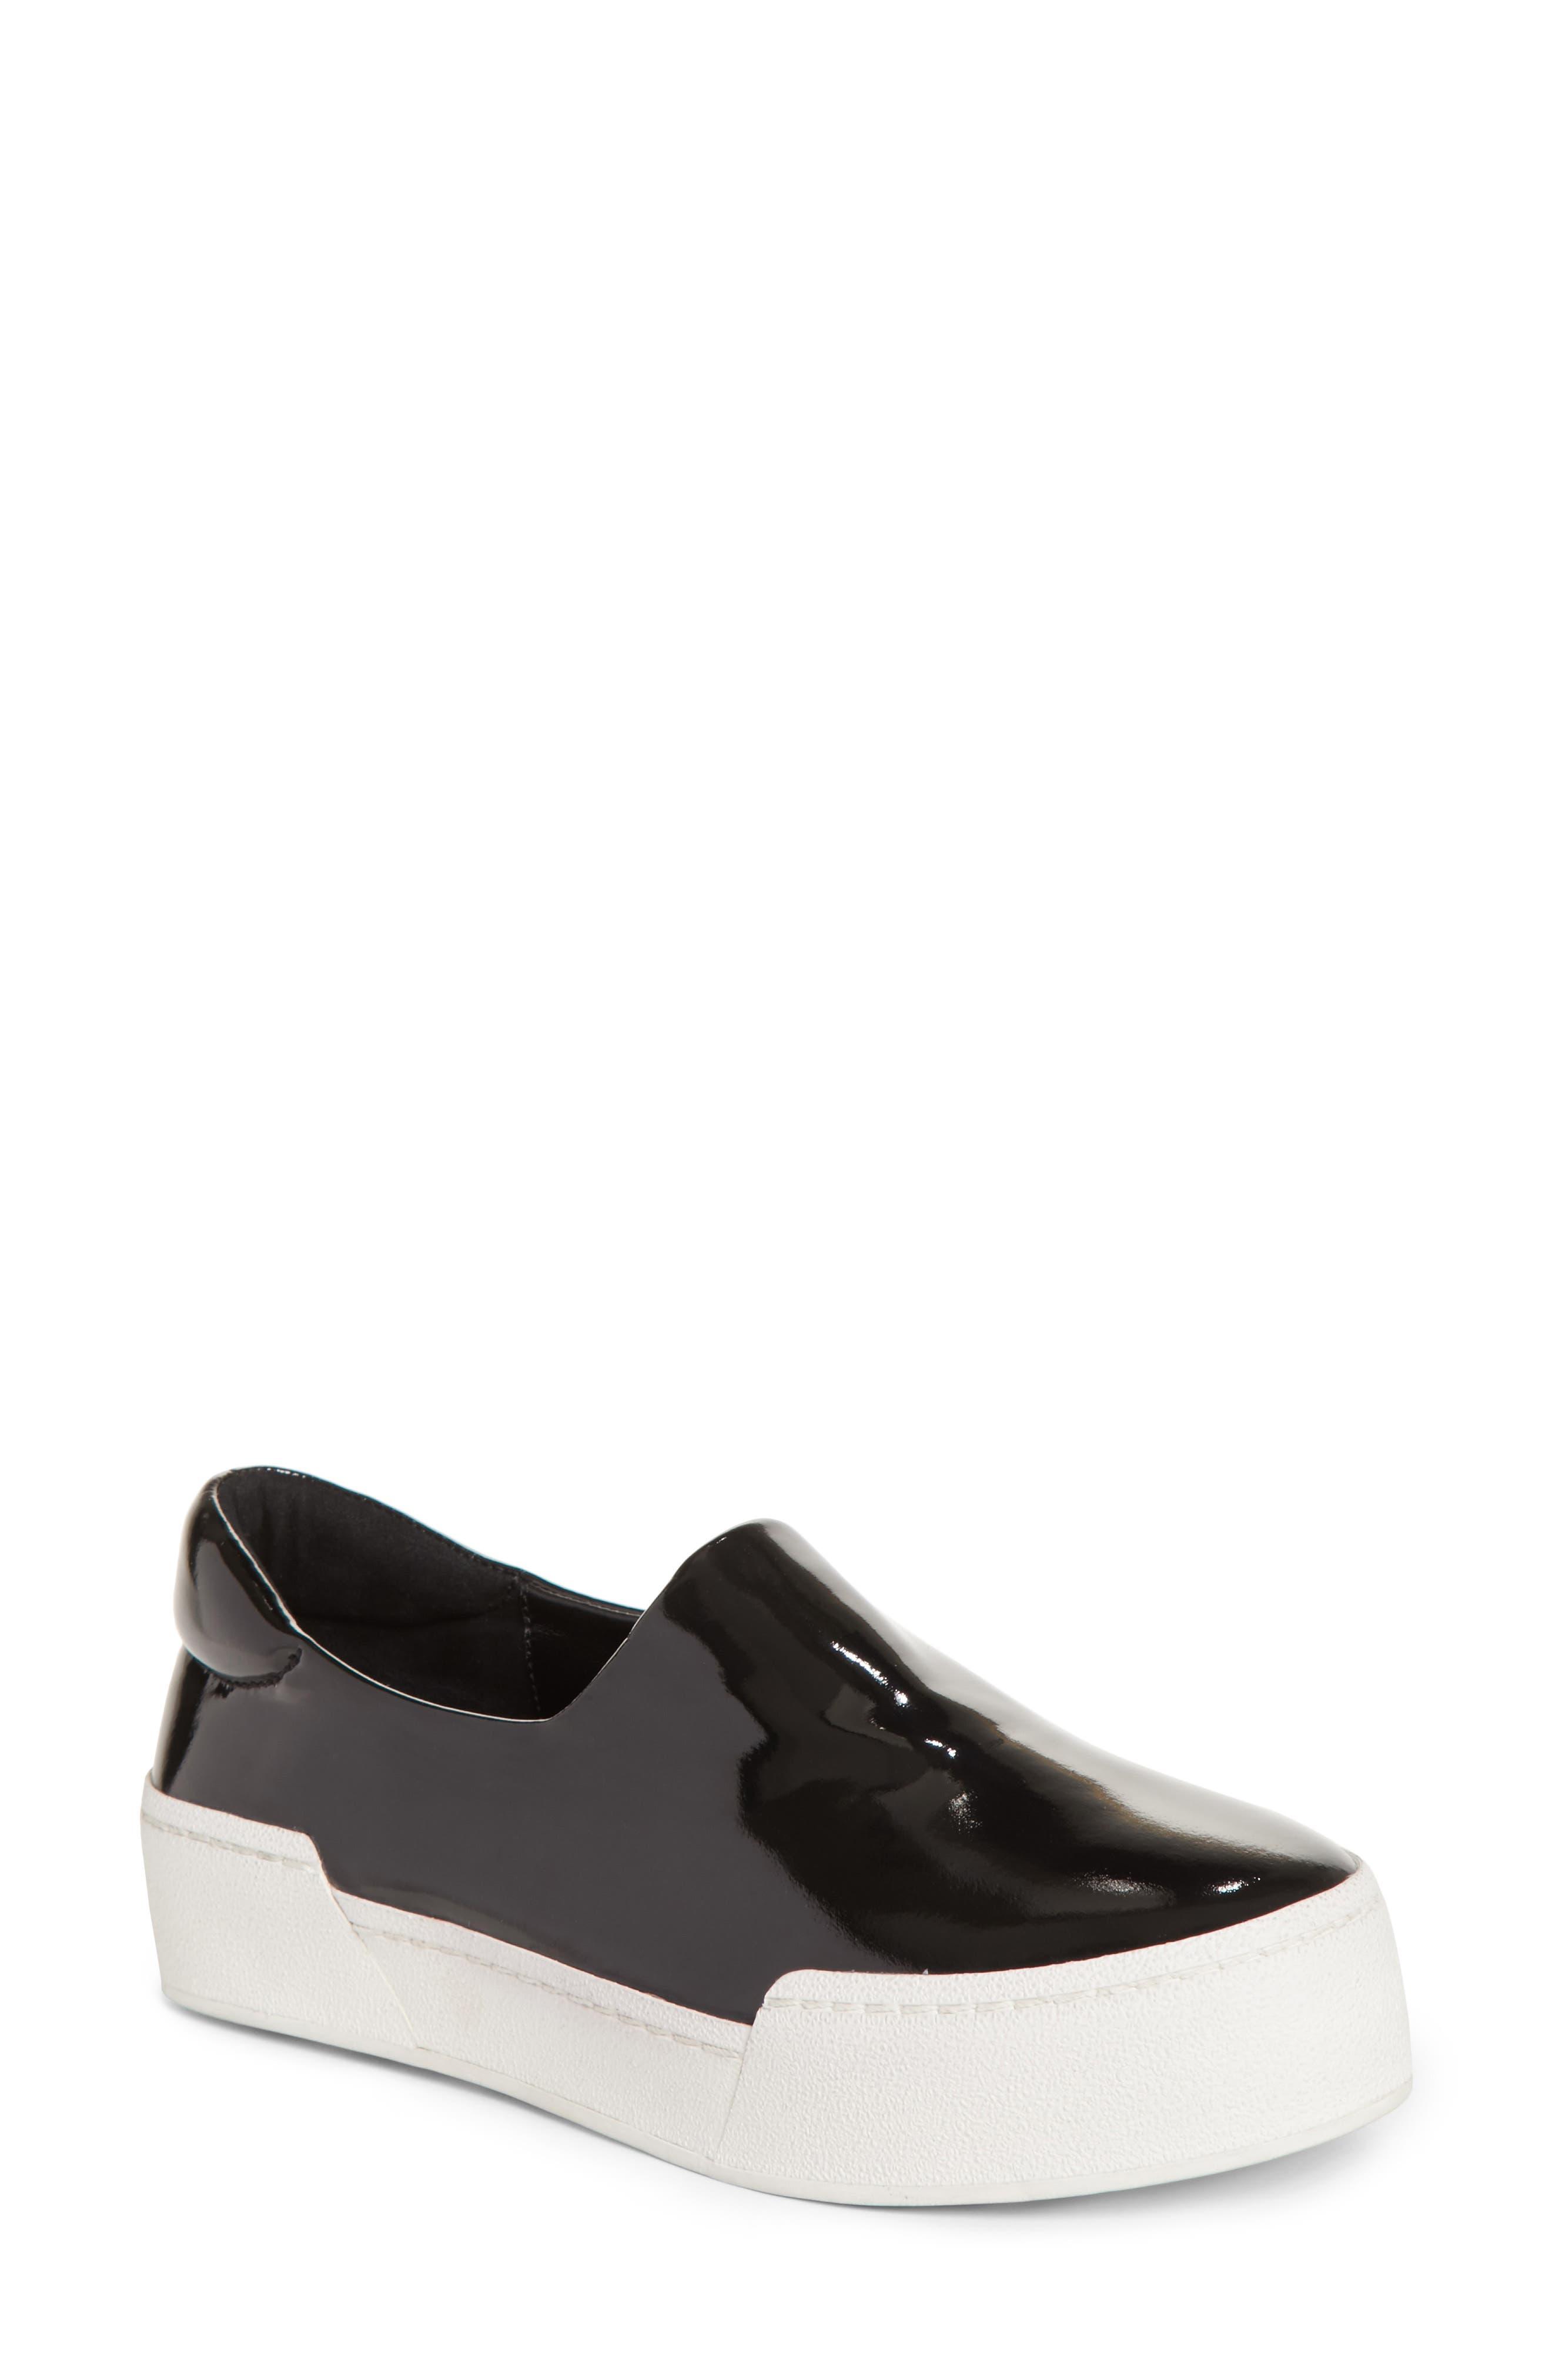 Didi Slip-On Sneaker,                         Main,                         color, 001